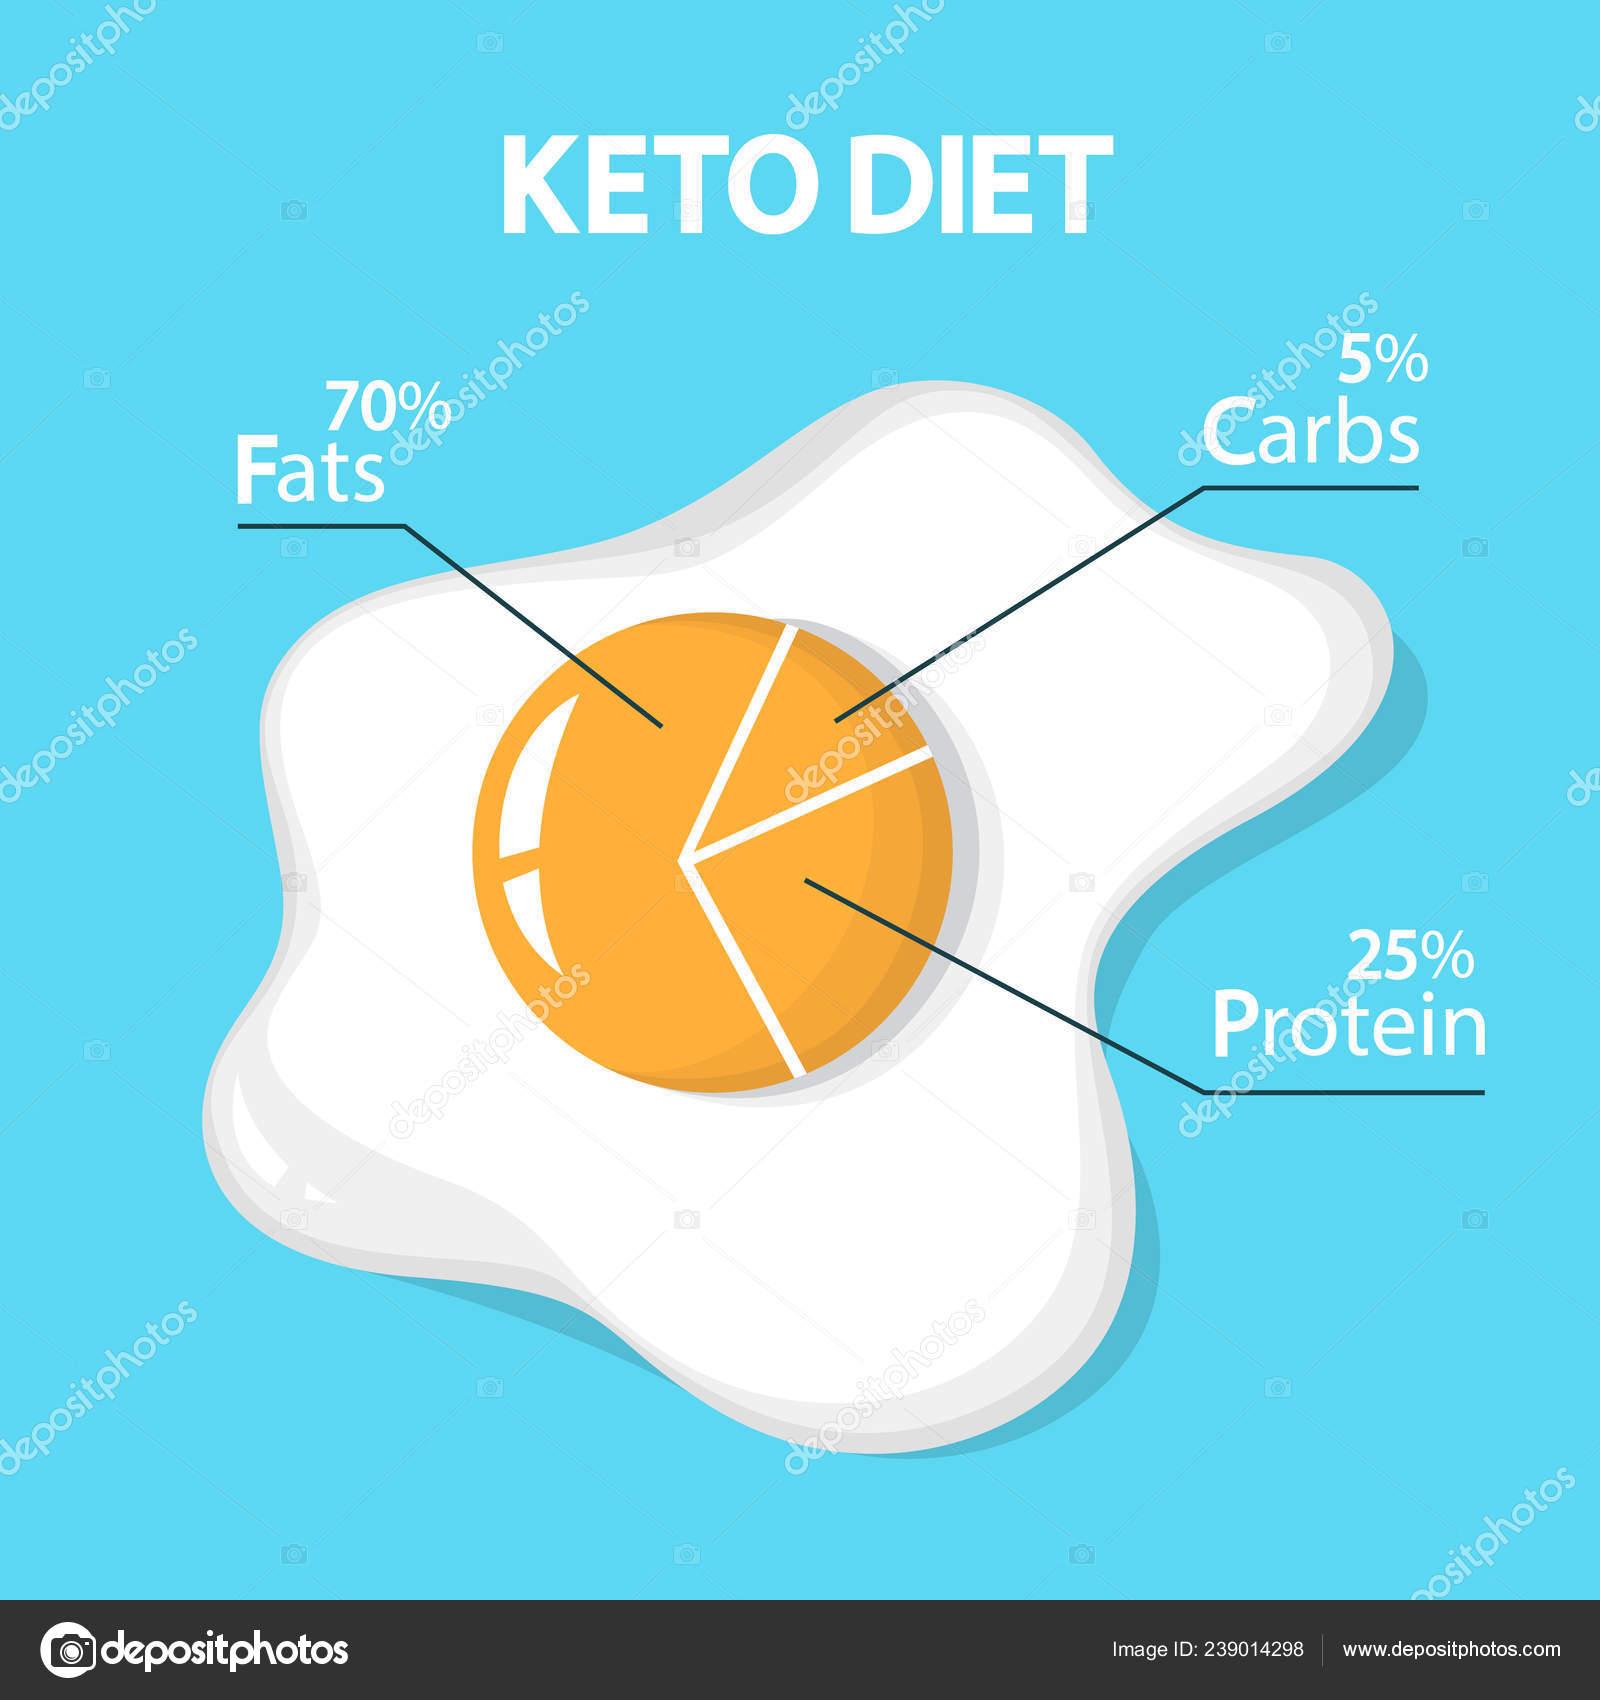 Porcentaje de macros para dieta cetogenica